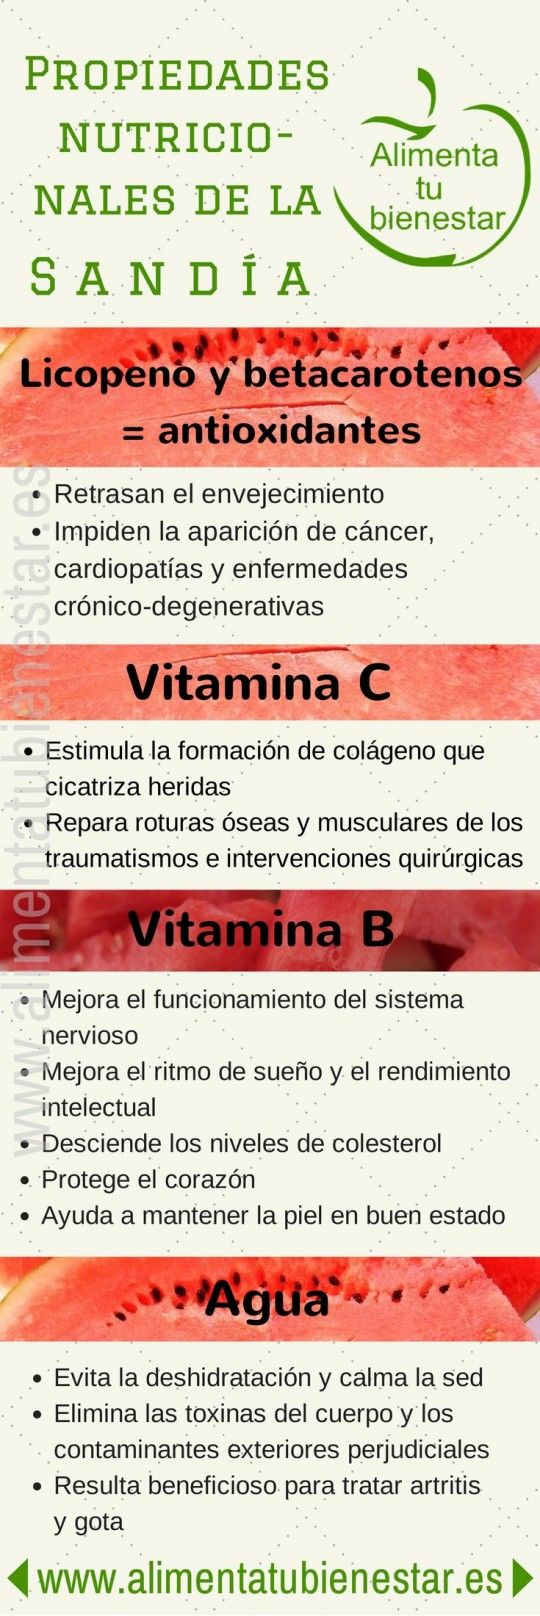 #Infografia Propiedades nutricionales de la sandía #salud #cocina